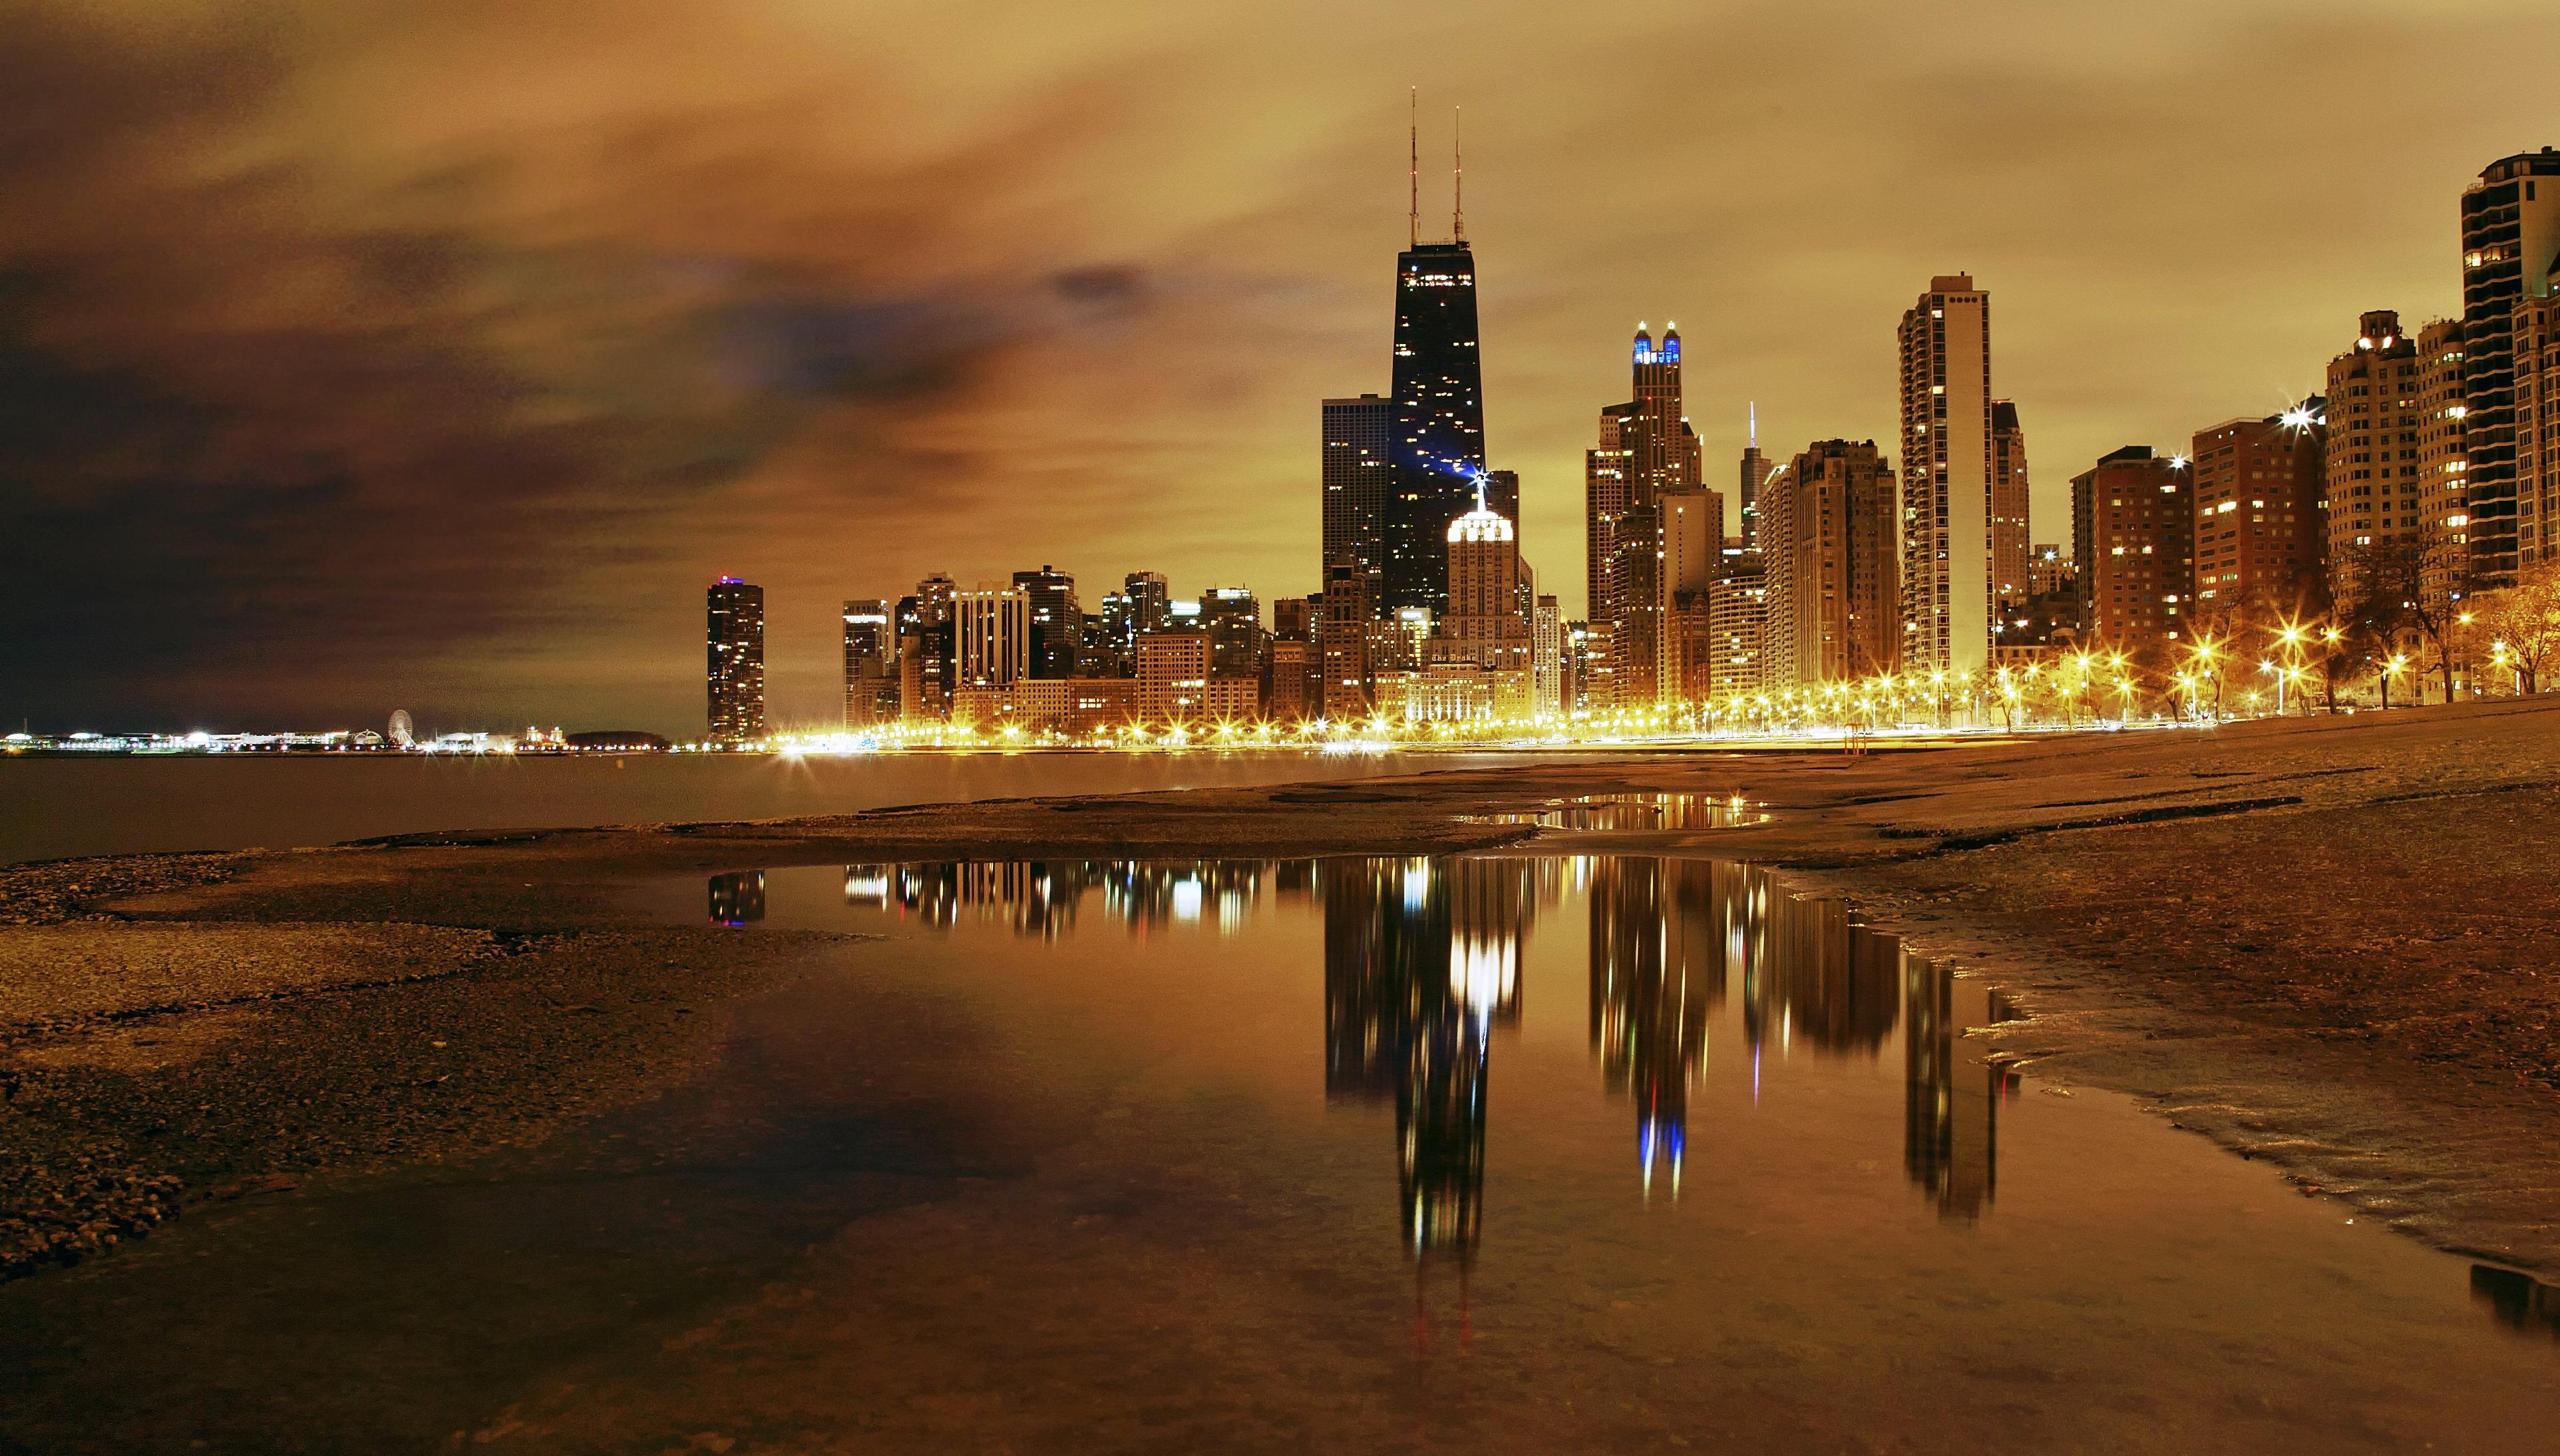 чикаго огни город Chicago lights the city скачать